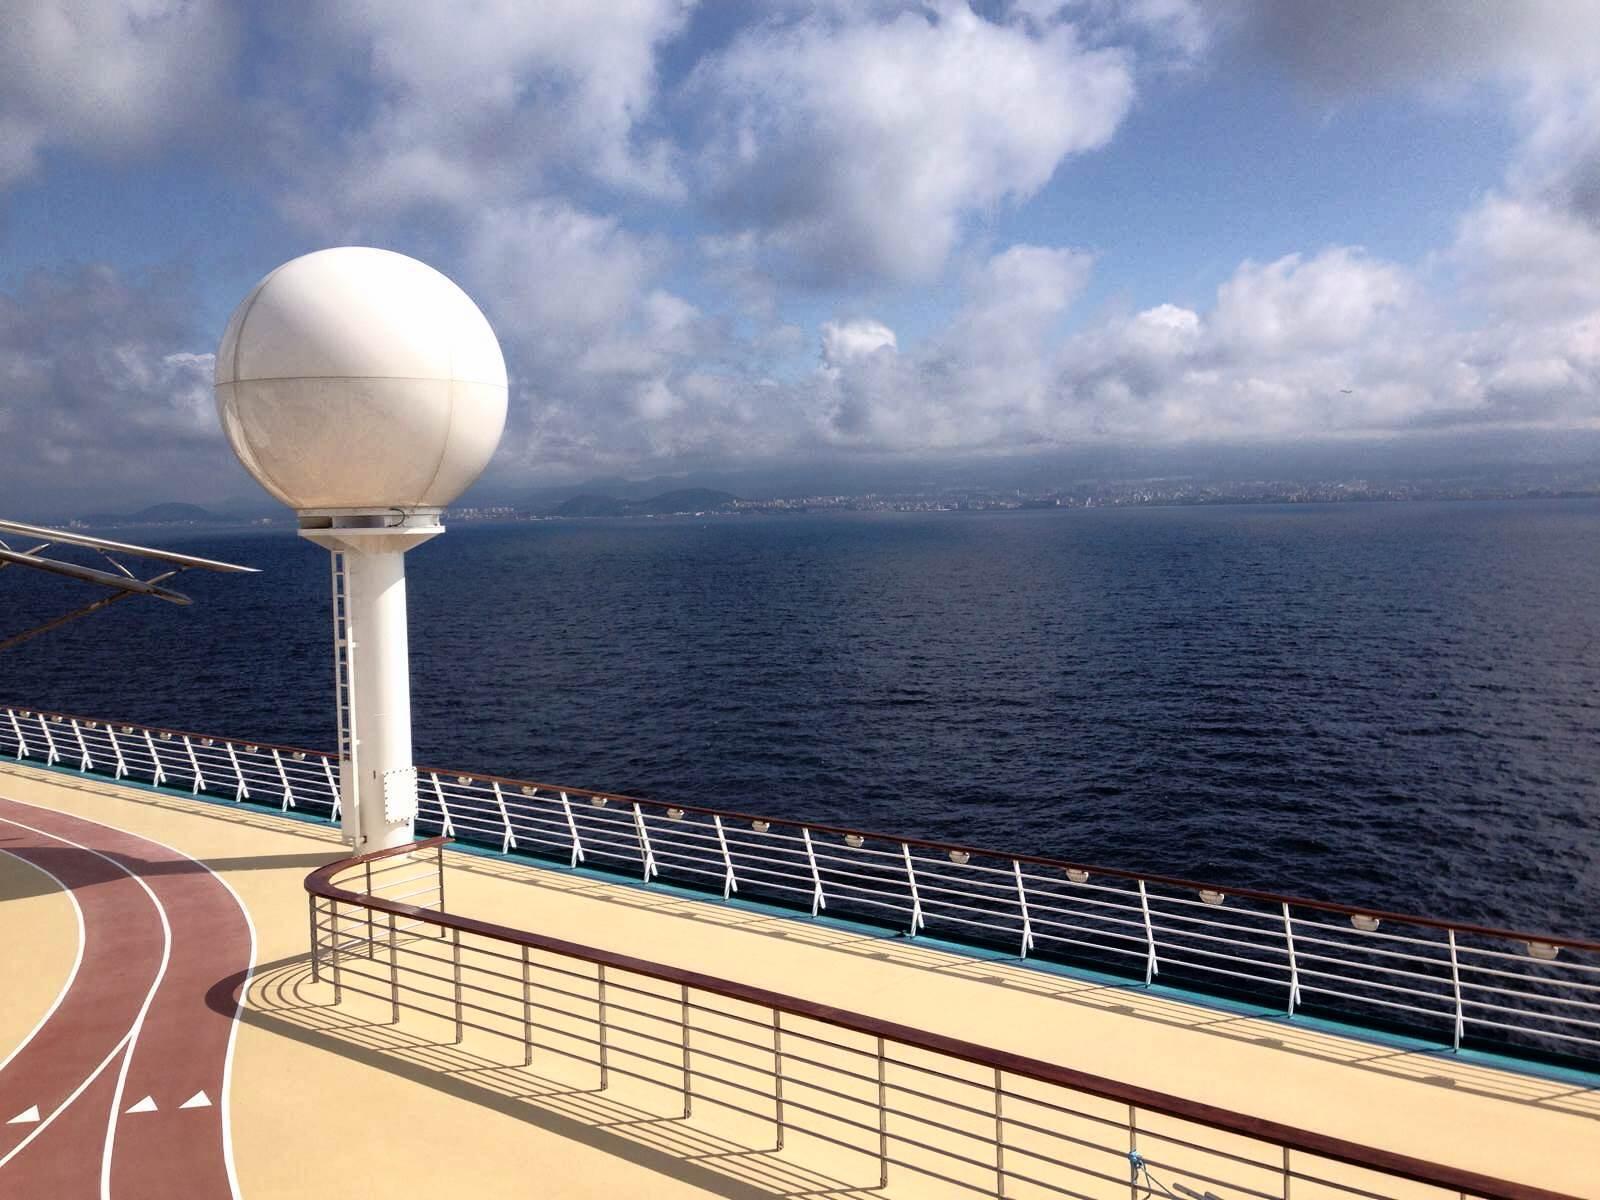 懒猴的邮轮假期 - 济州岛游记攻略【携程攻略】